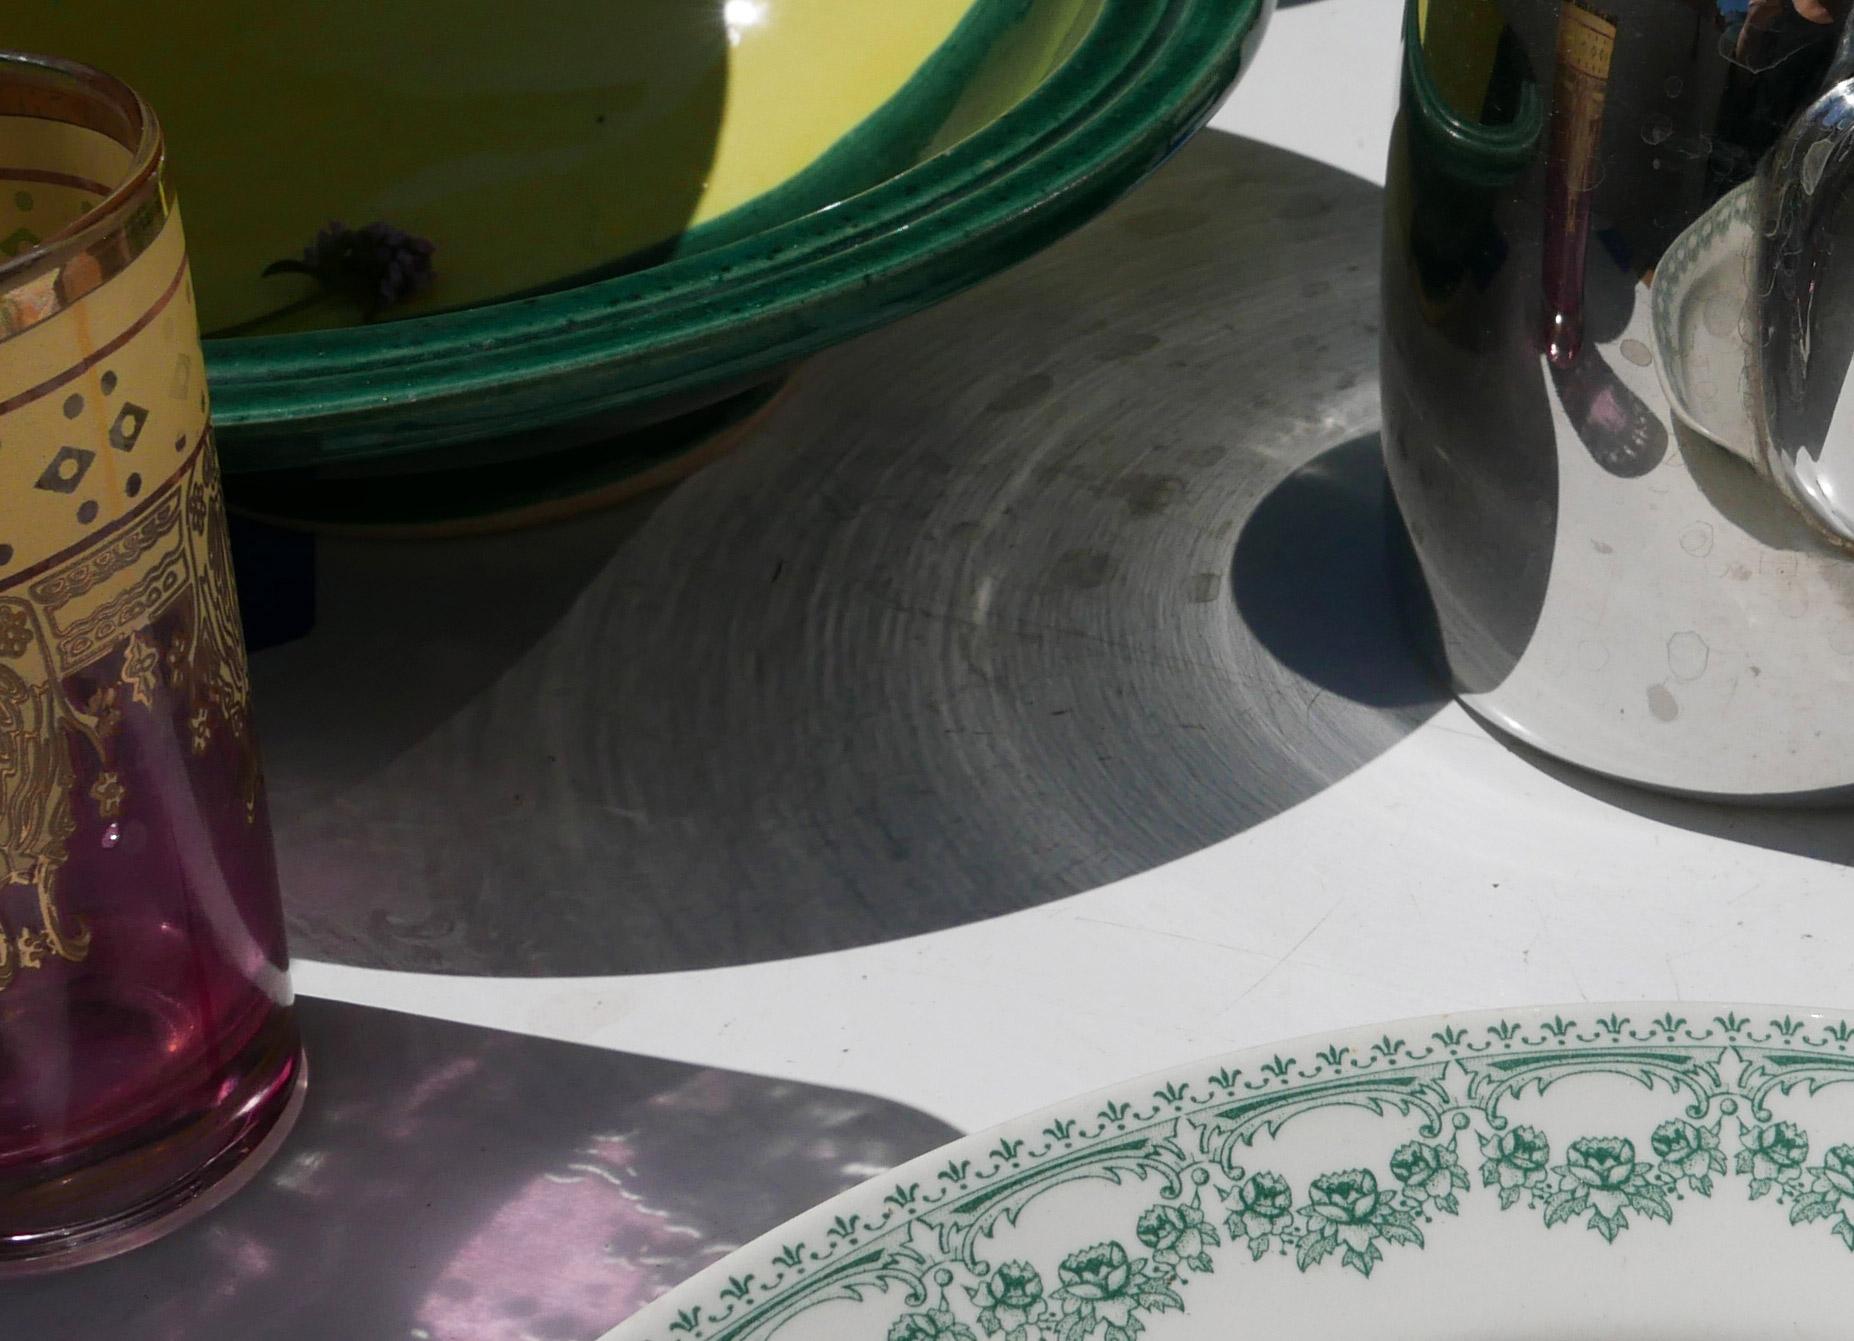 Schatten und Spiegelungen zwischen Gläsern, Edelstahlkanne in der vollen Sonne